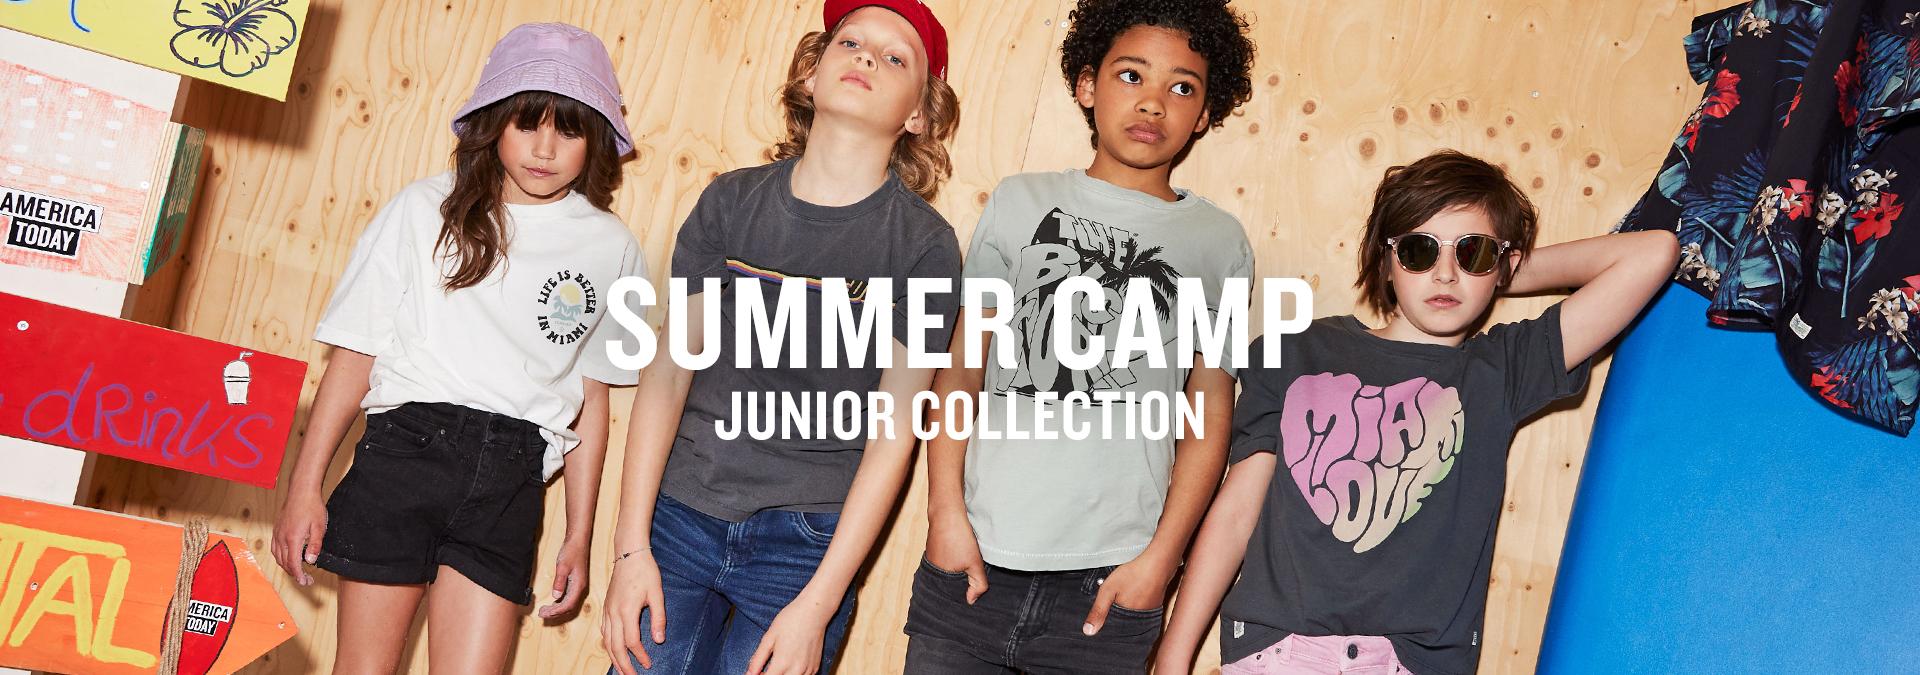 junior-summer